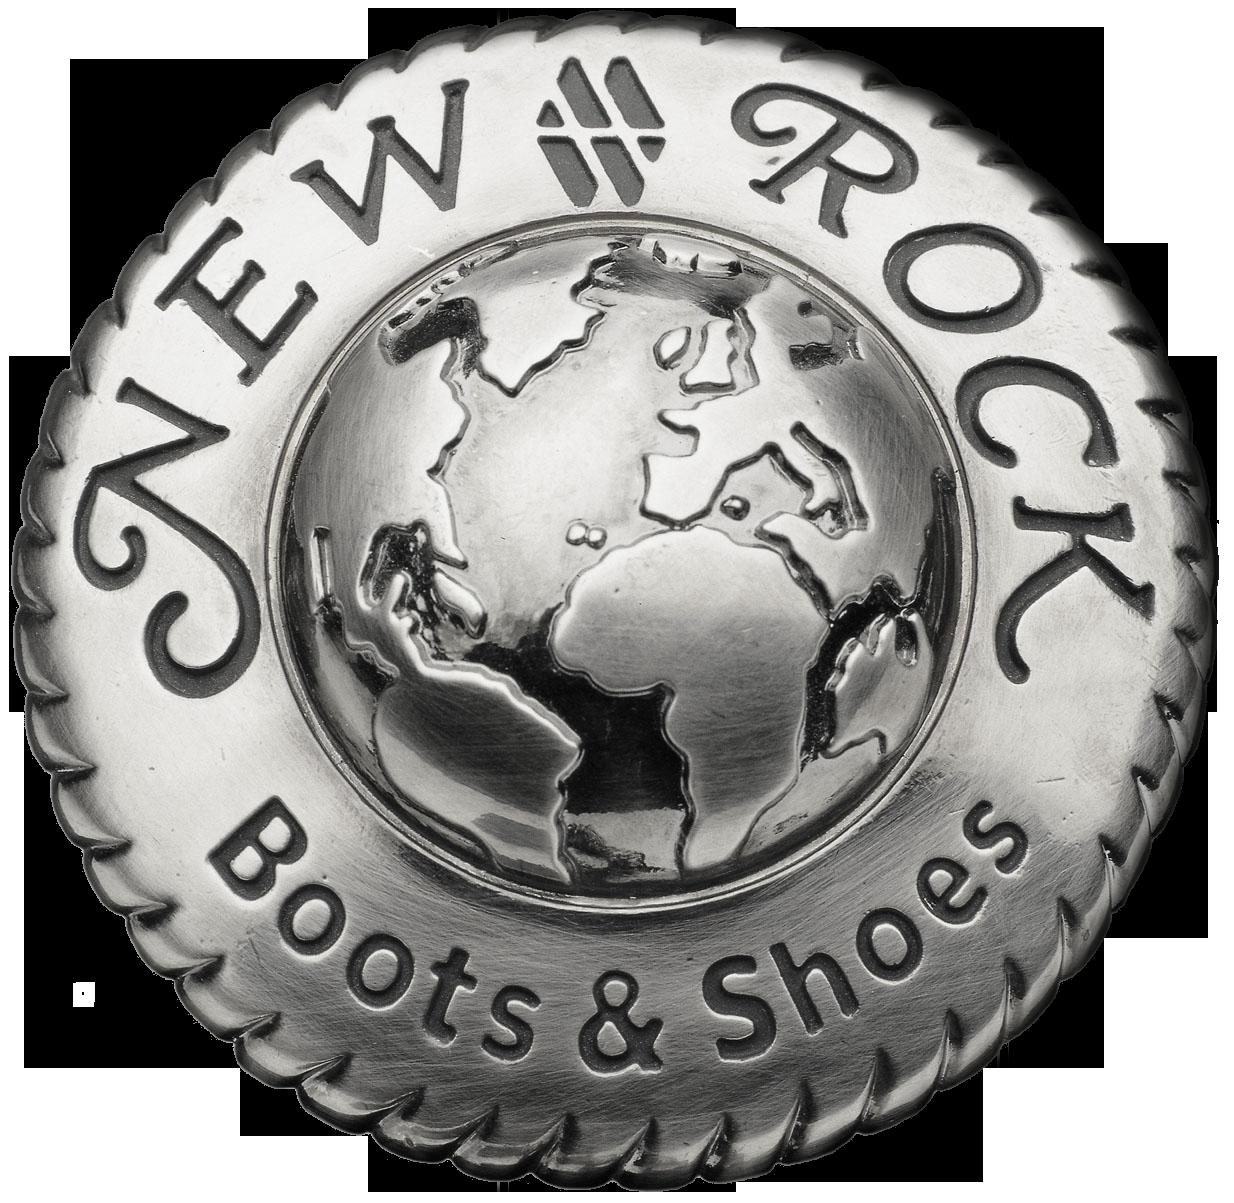 New Rock planet logo